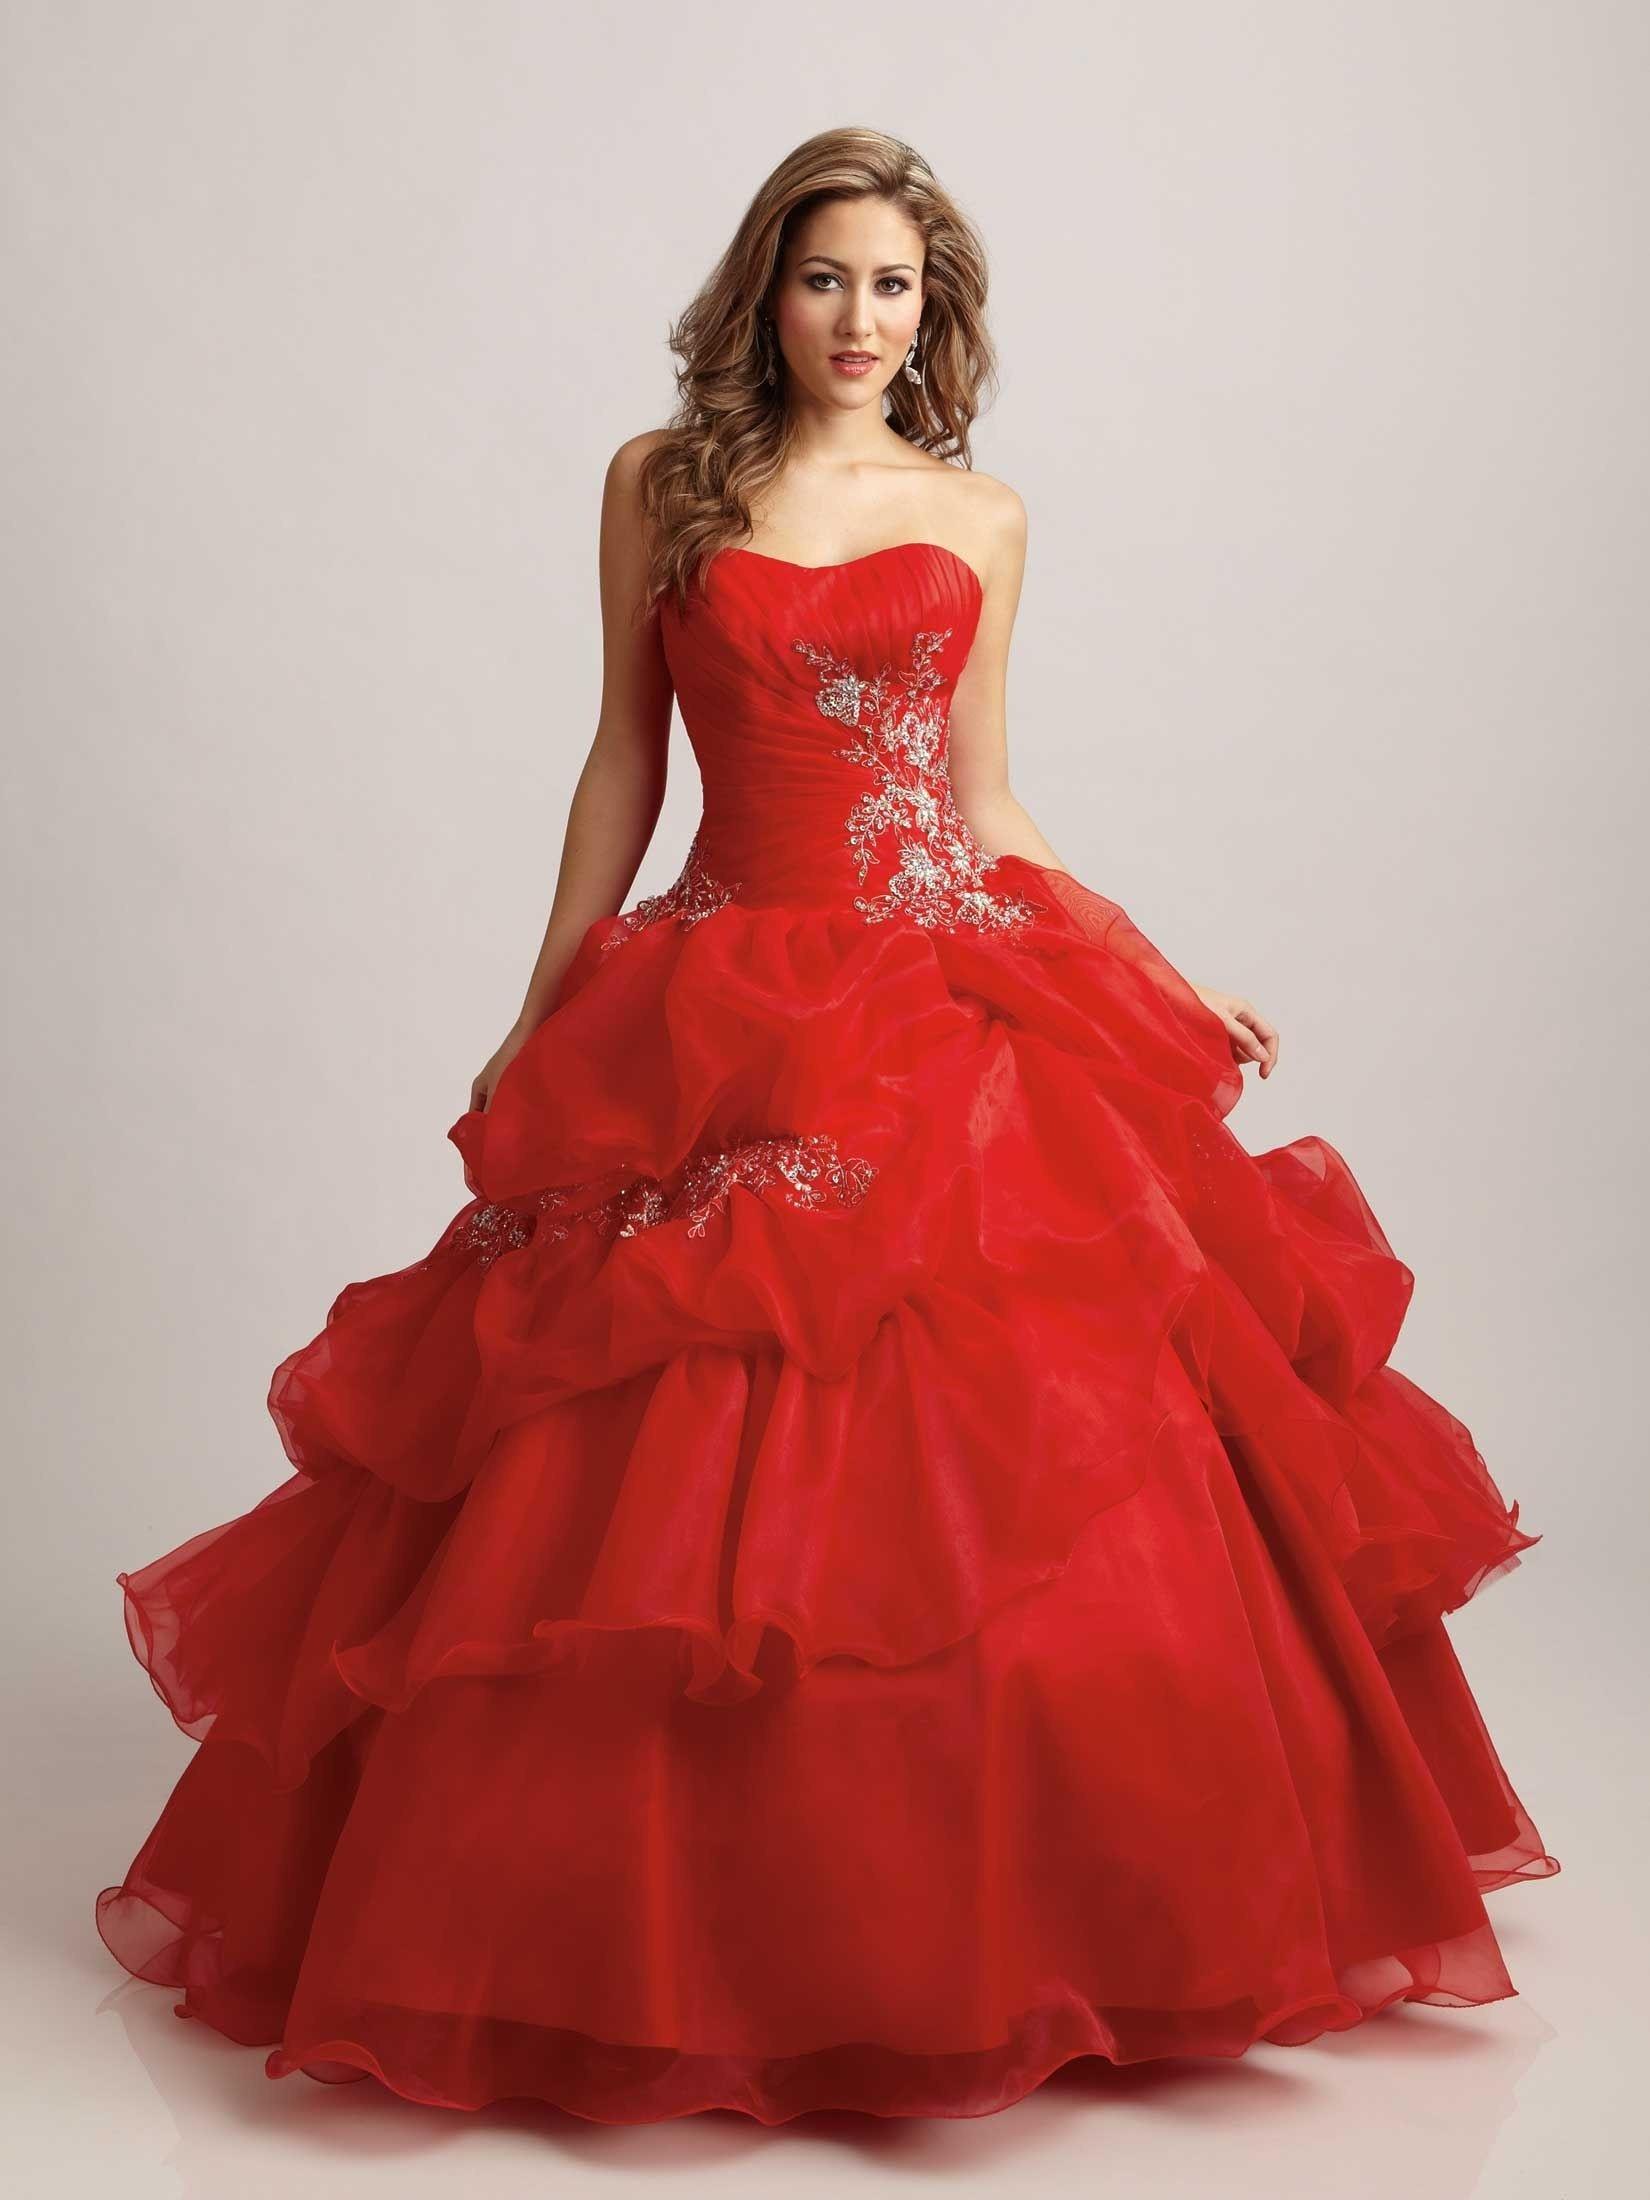 17 Fantastisch Schöne Kleider Online Kaufen BoutiqueAbend Cool Schöne Kleider Online Kaufen Bester Preis